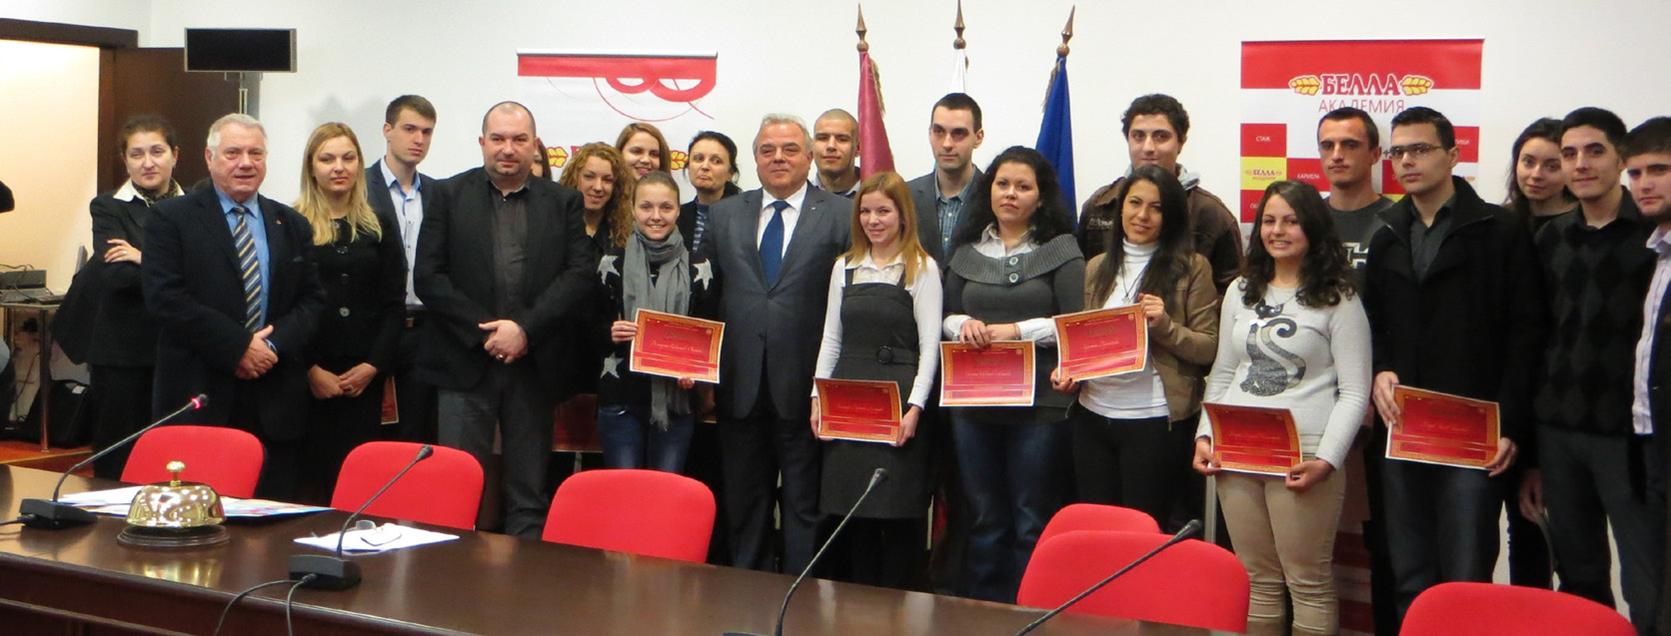 Bella Academy Scholars form UNWE (2013)